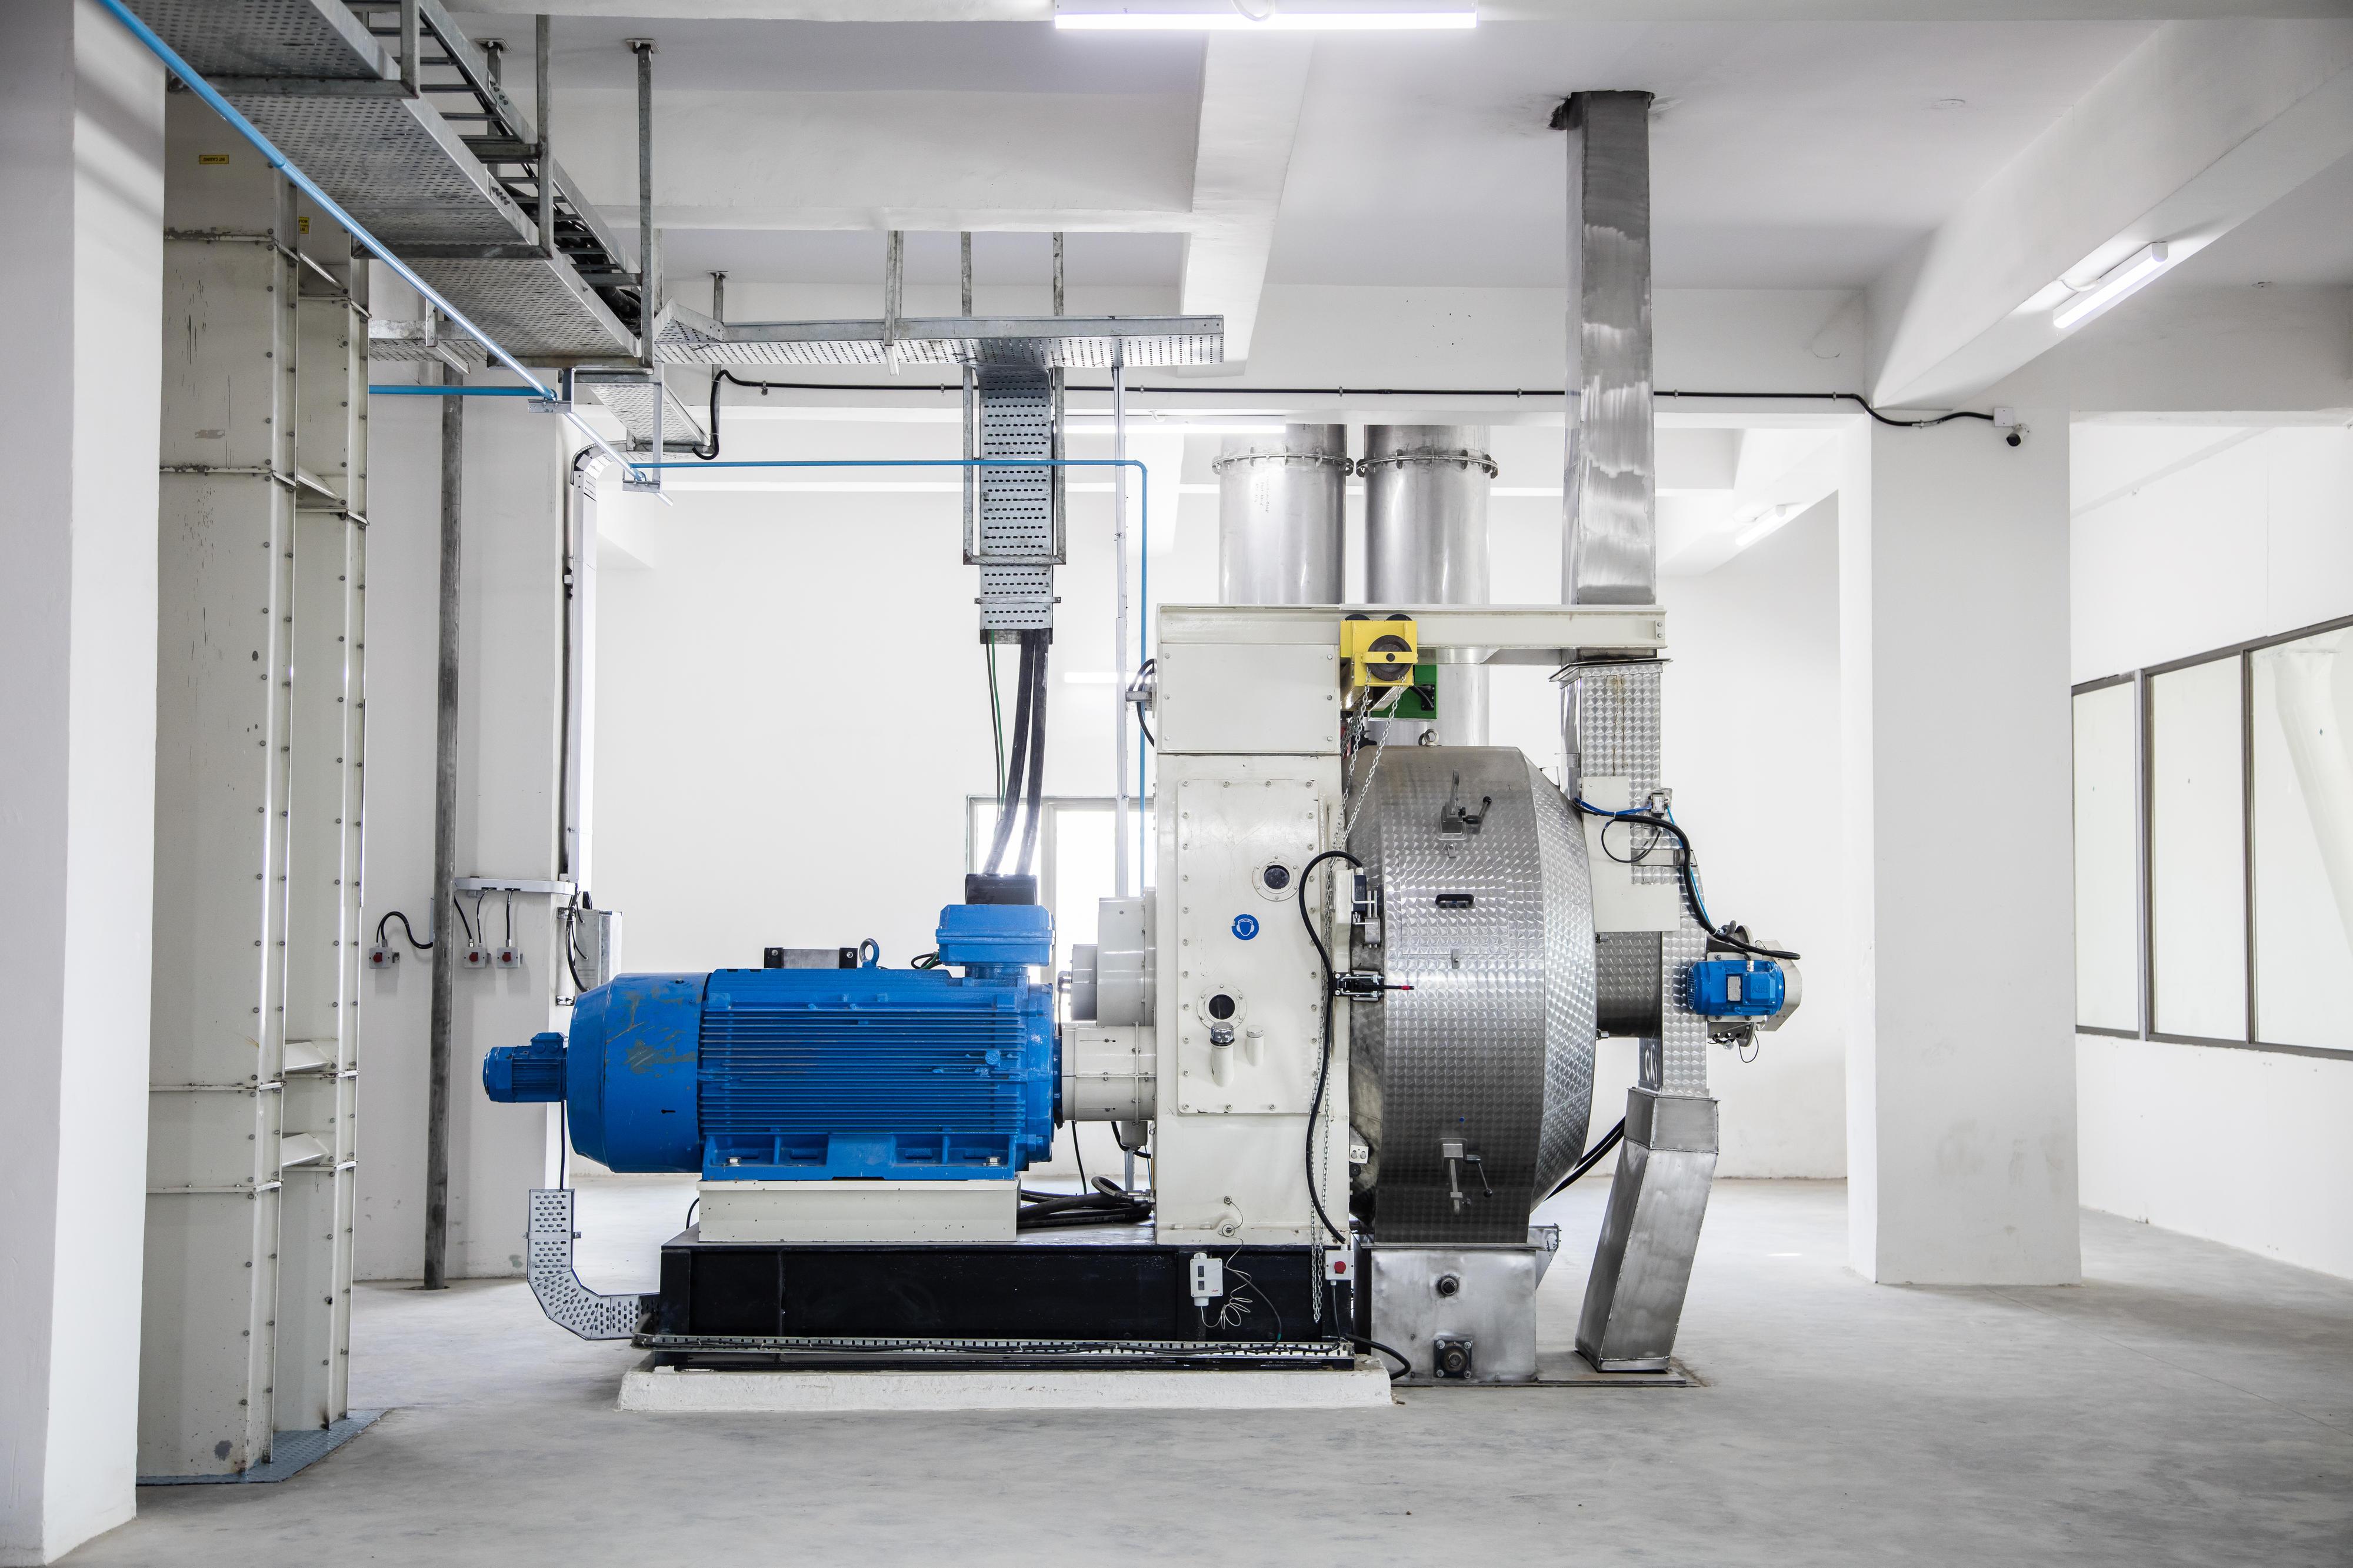 fb-andritz-pellet-mill (1)